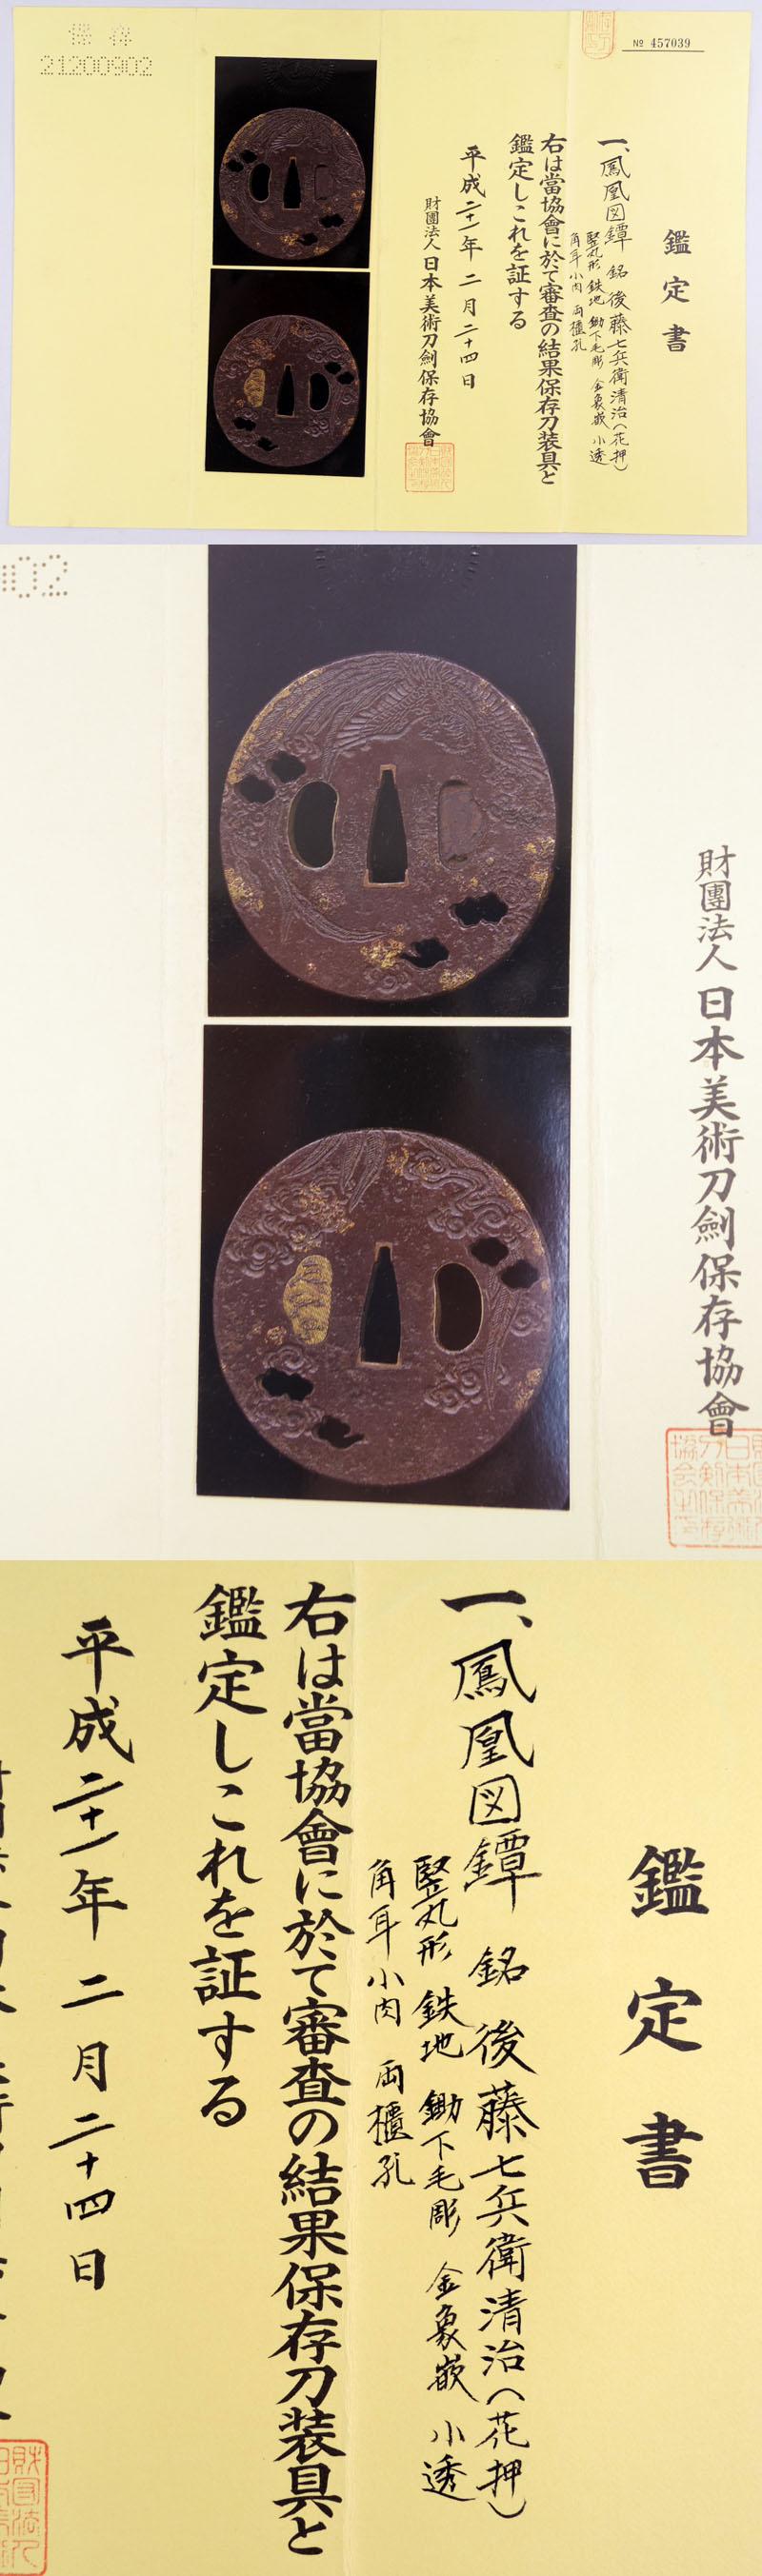 鳳凰図鍔 後藤七兵衛清治(花押) Picture of Certificate